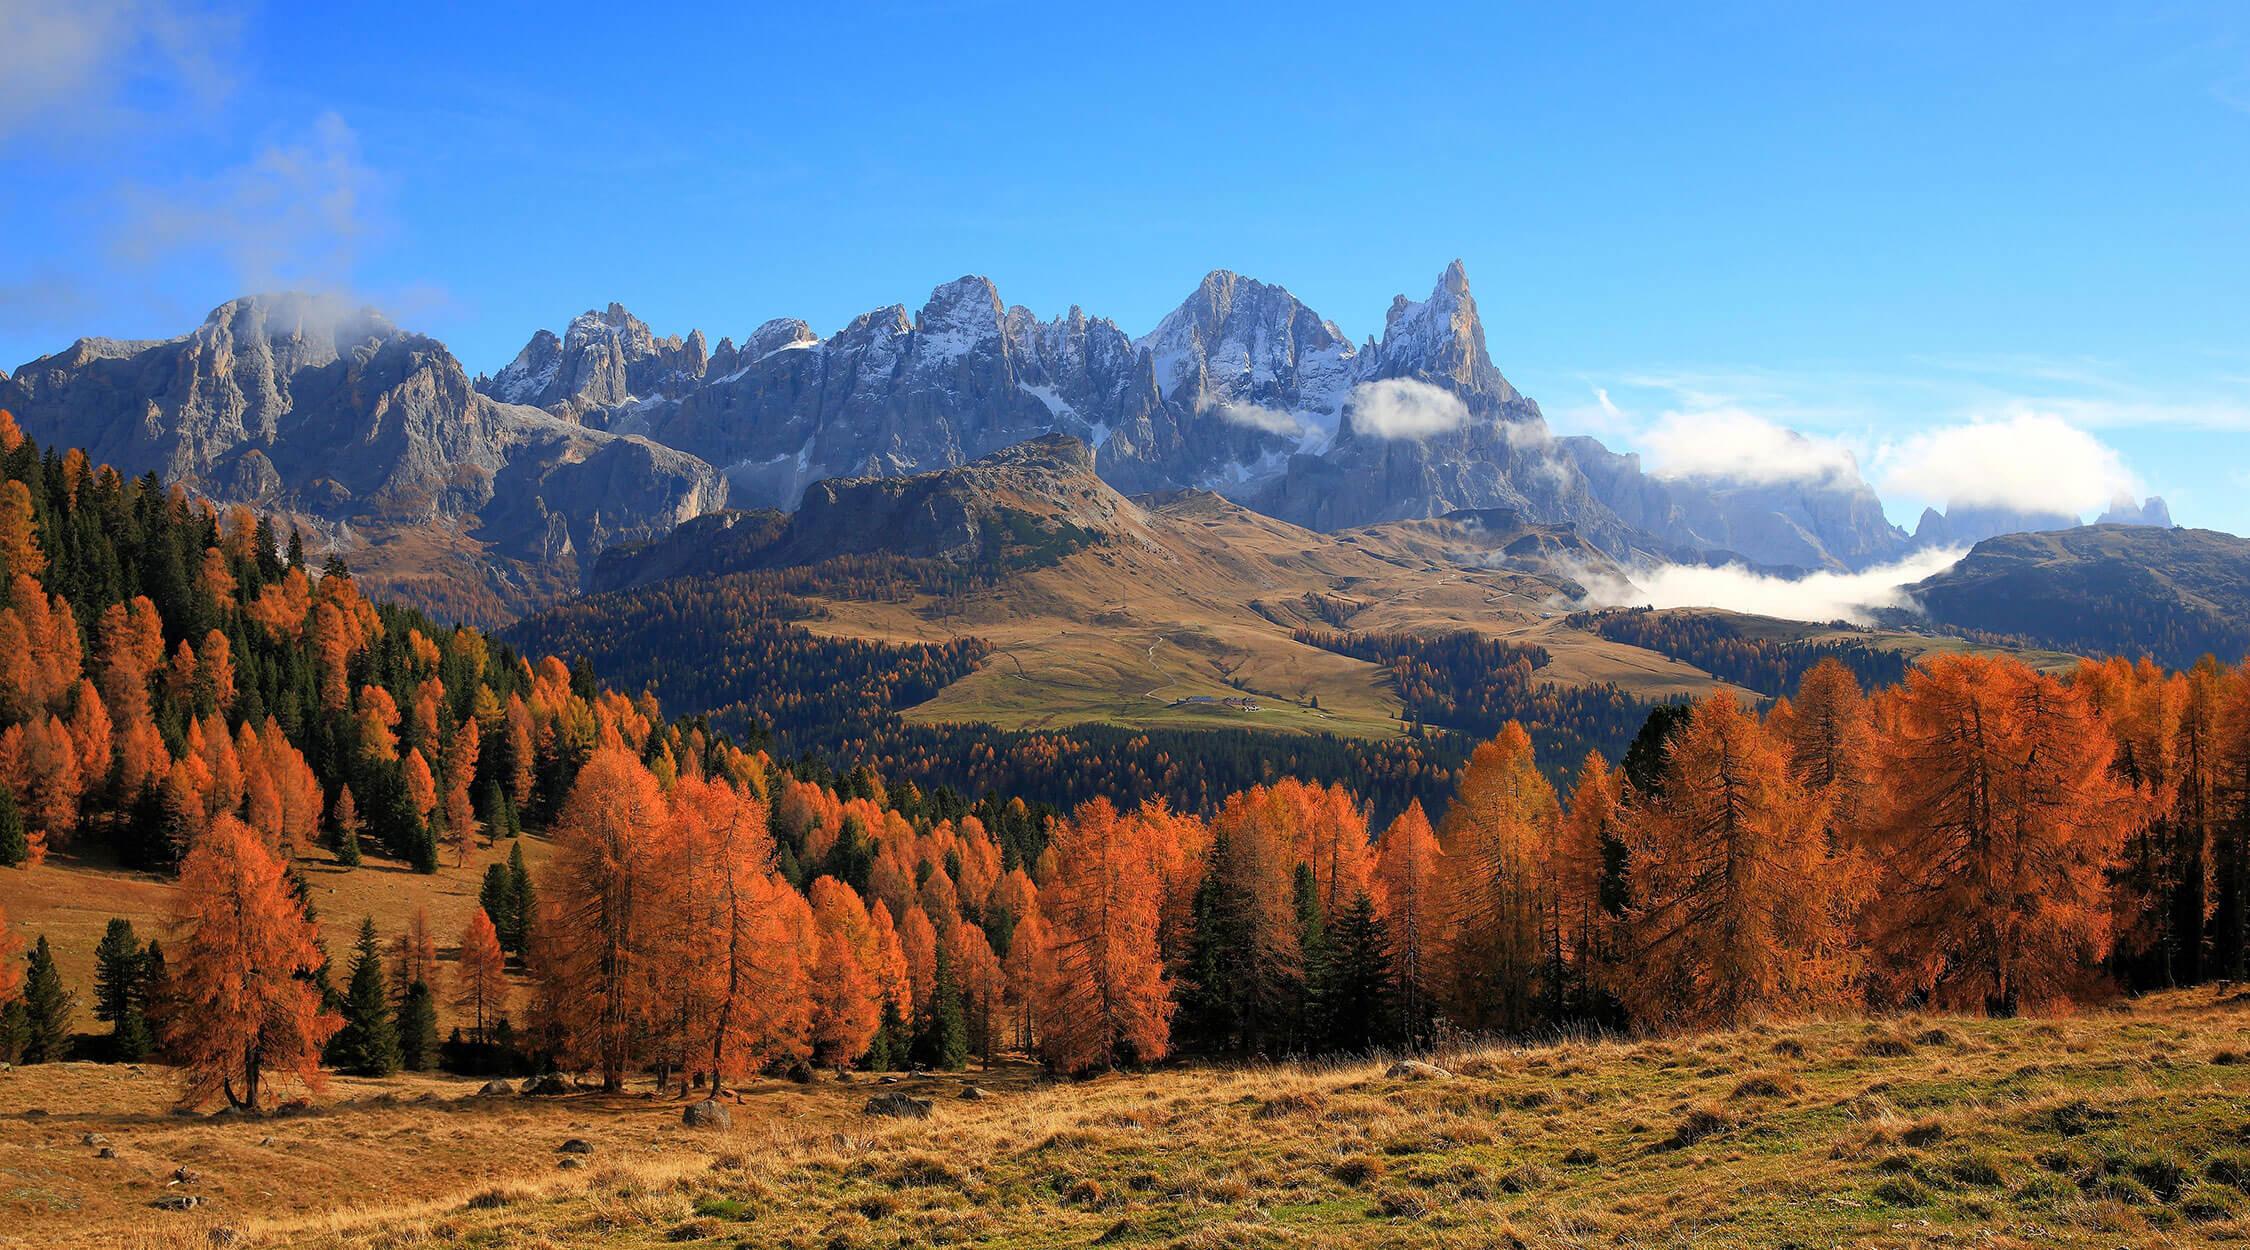 ottobre-2020-latrentina-visittrentino-Pio-Geminiani